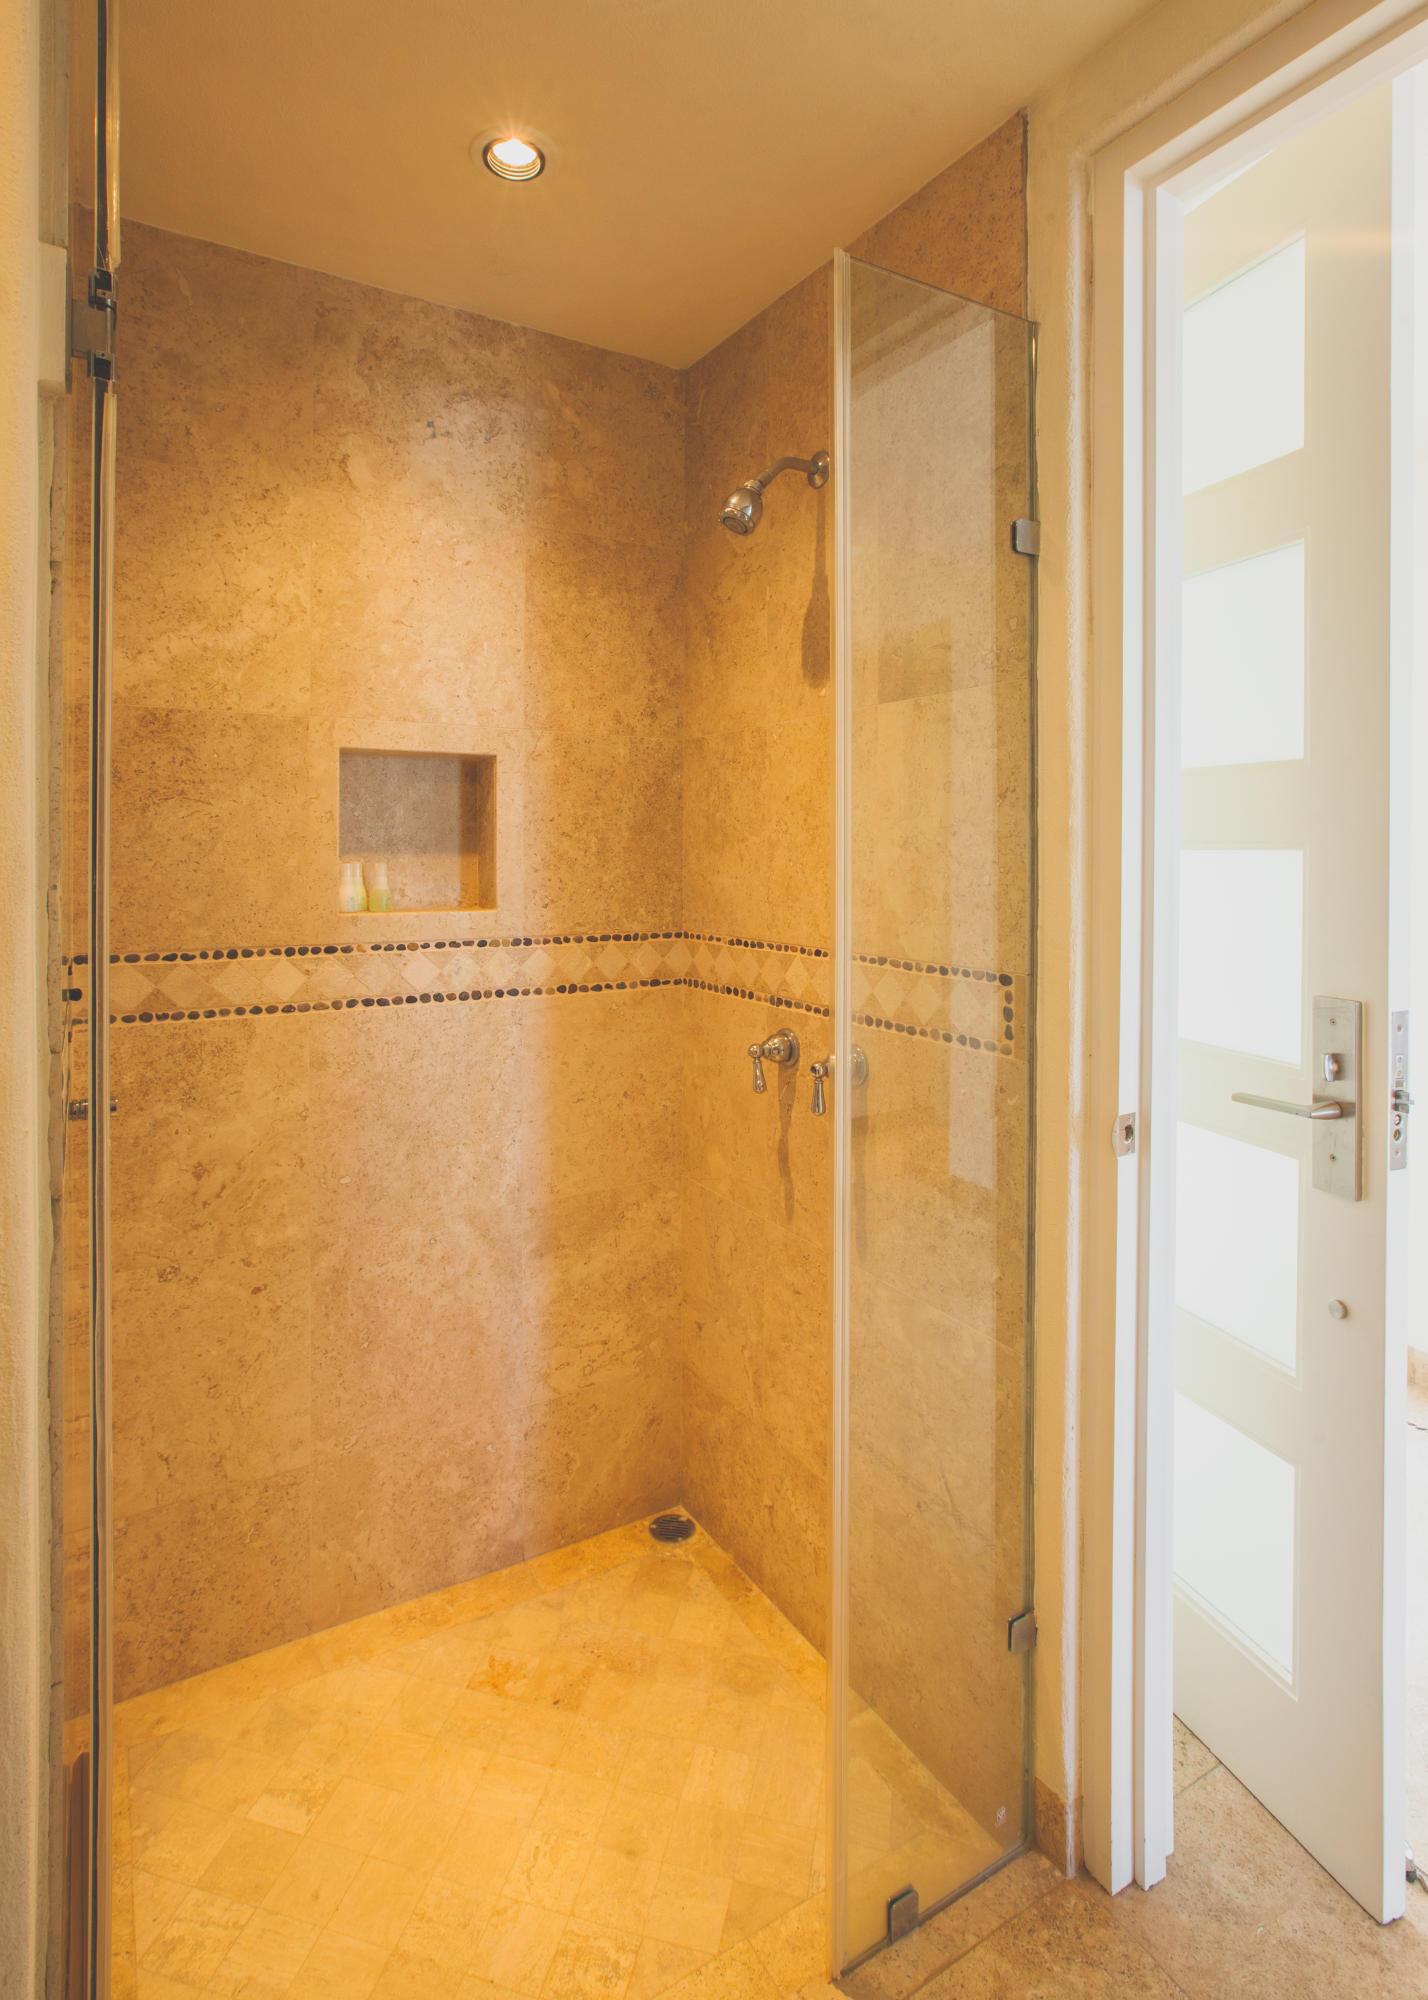 San Jose Corridor, 5 Bedrooms Bedrooms, ,5 BathroomsBathrooms,House,For Sale,La Caleta # 49,18-2544